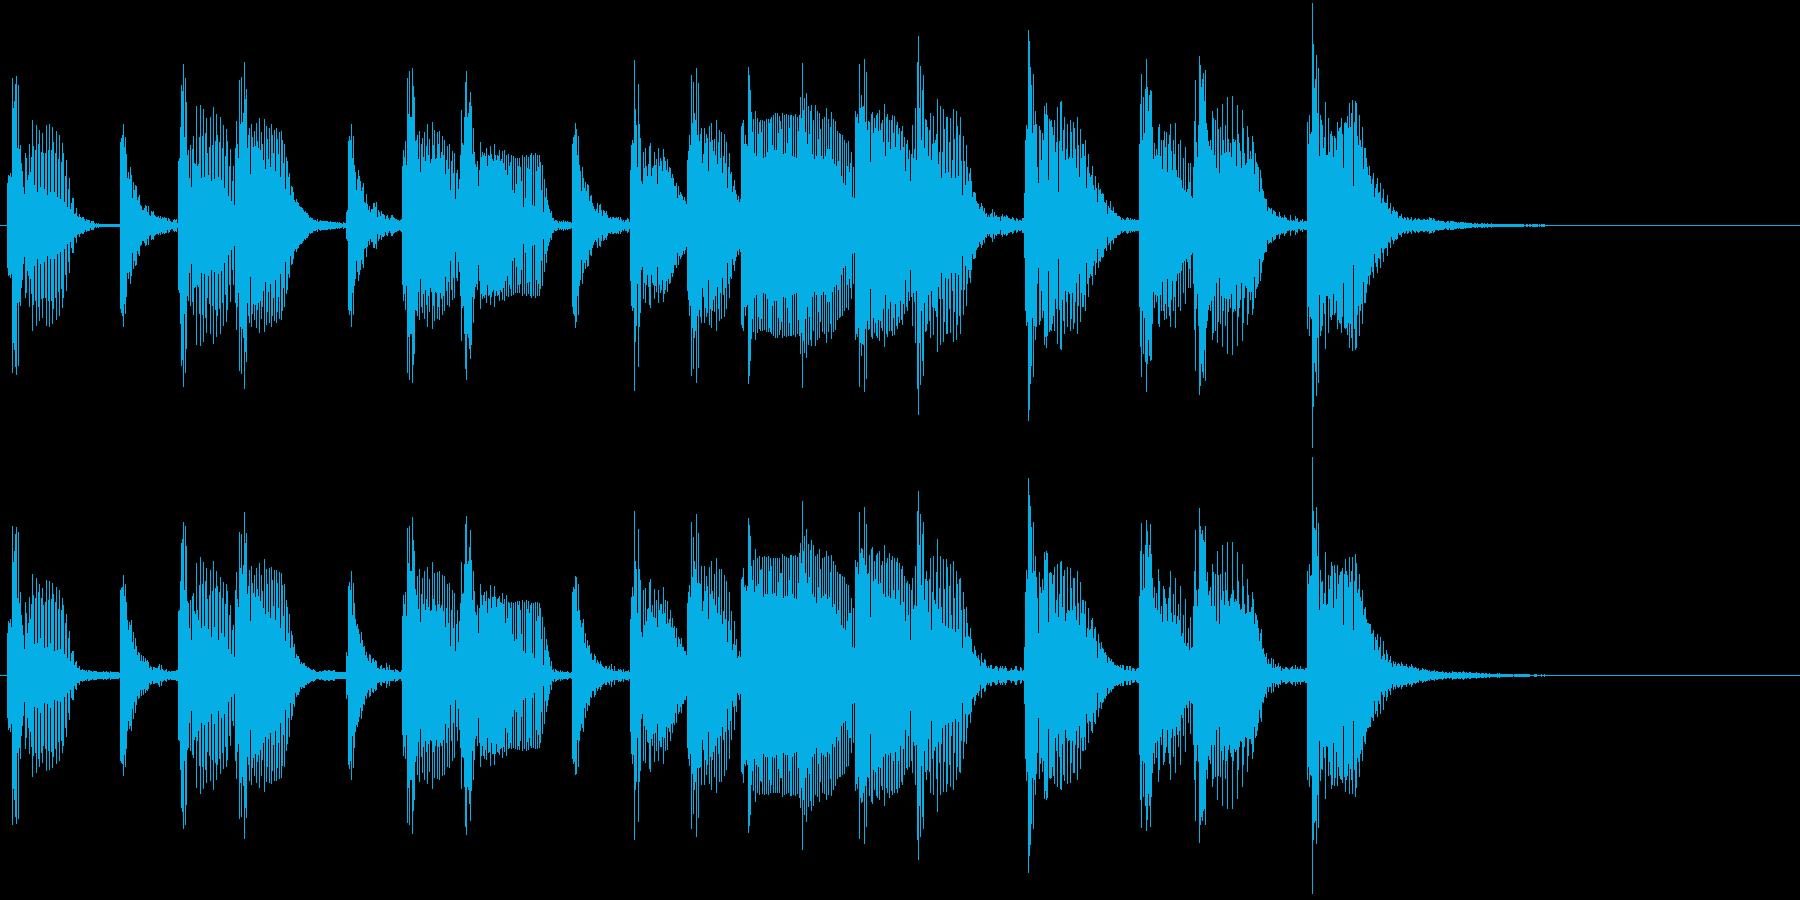 2小節ジングル06 オールディーズ2の再生済みの波形